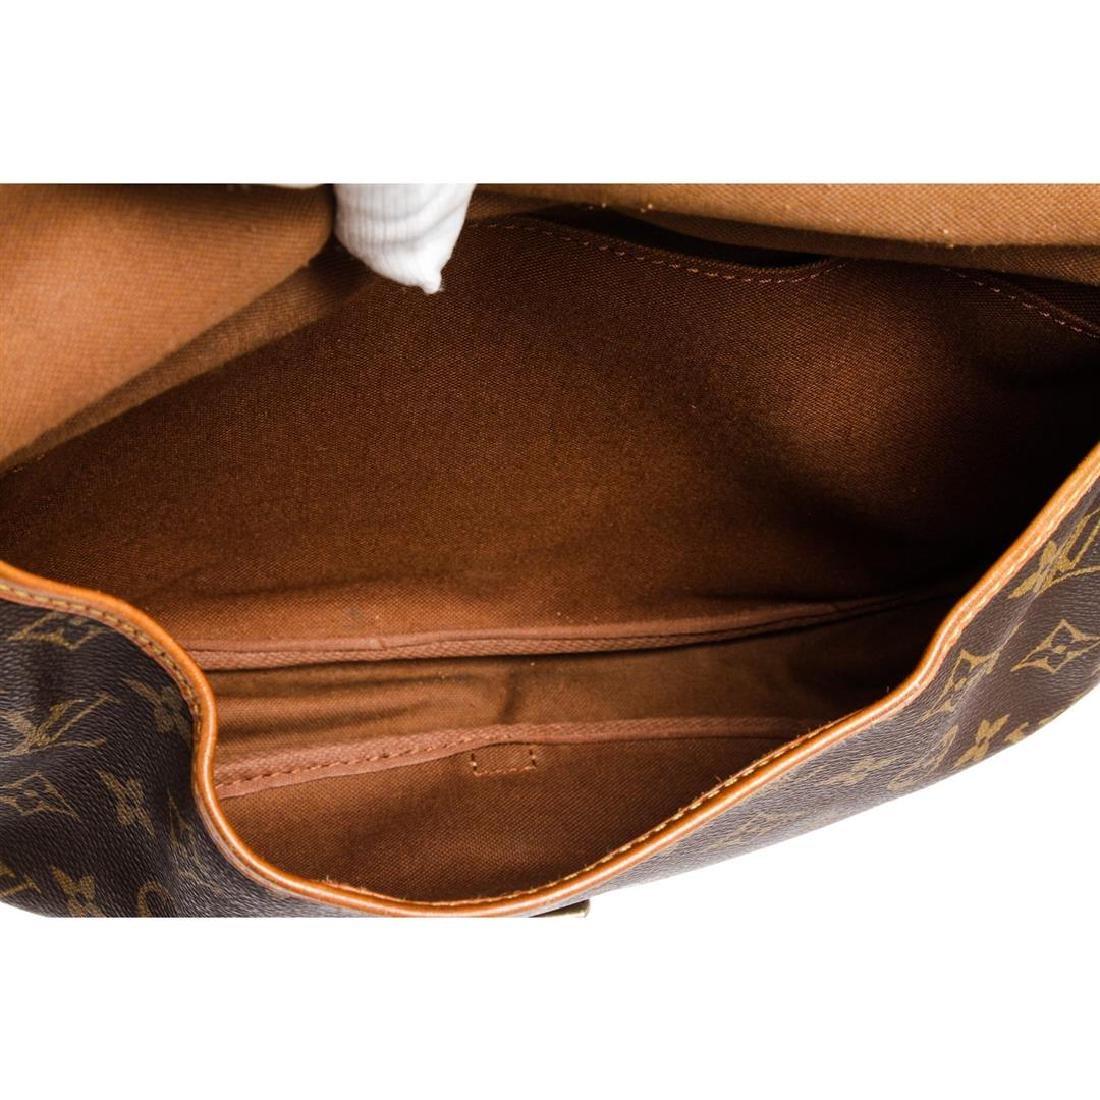 Louis Vuitton Monogram Canvas Leather Saumur 30 cm - 5